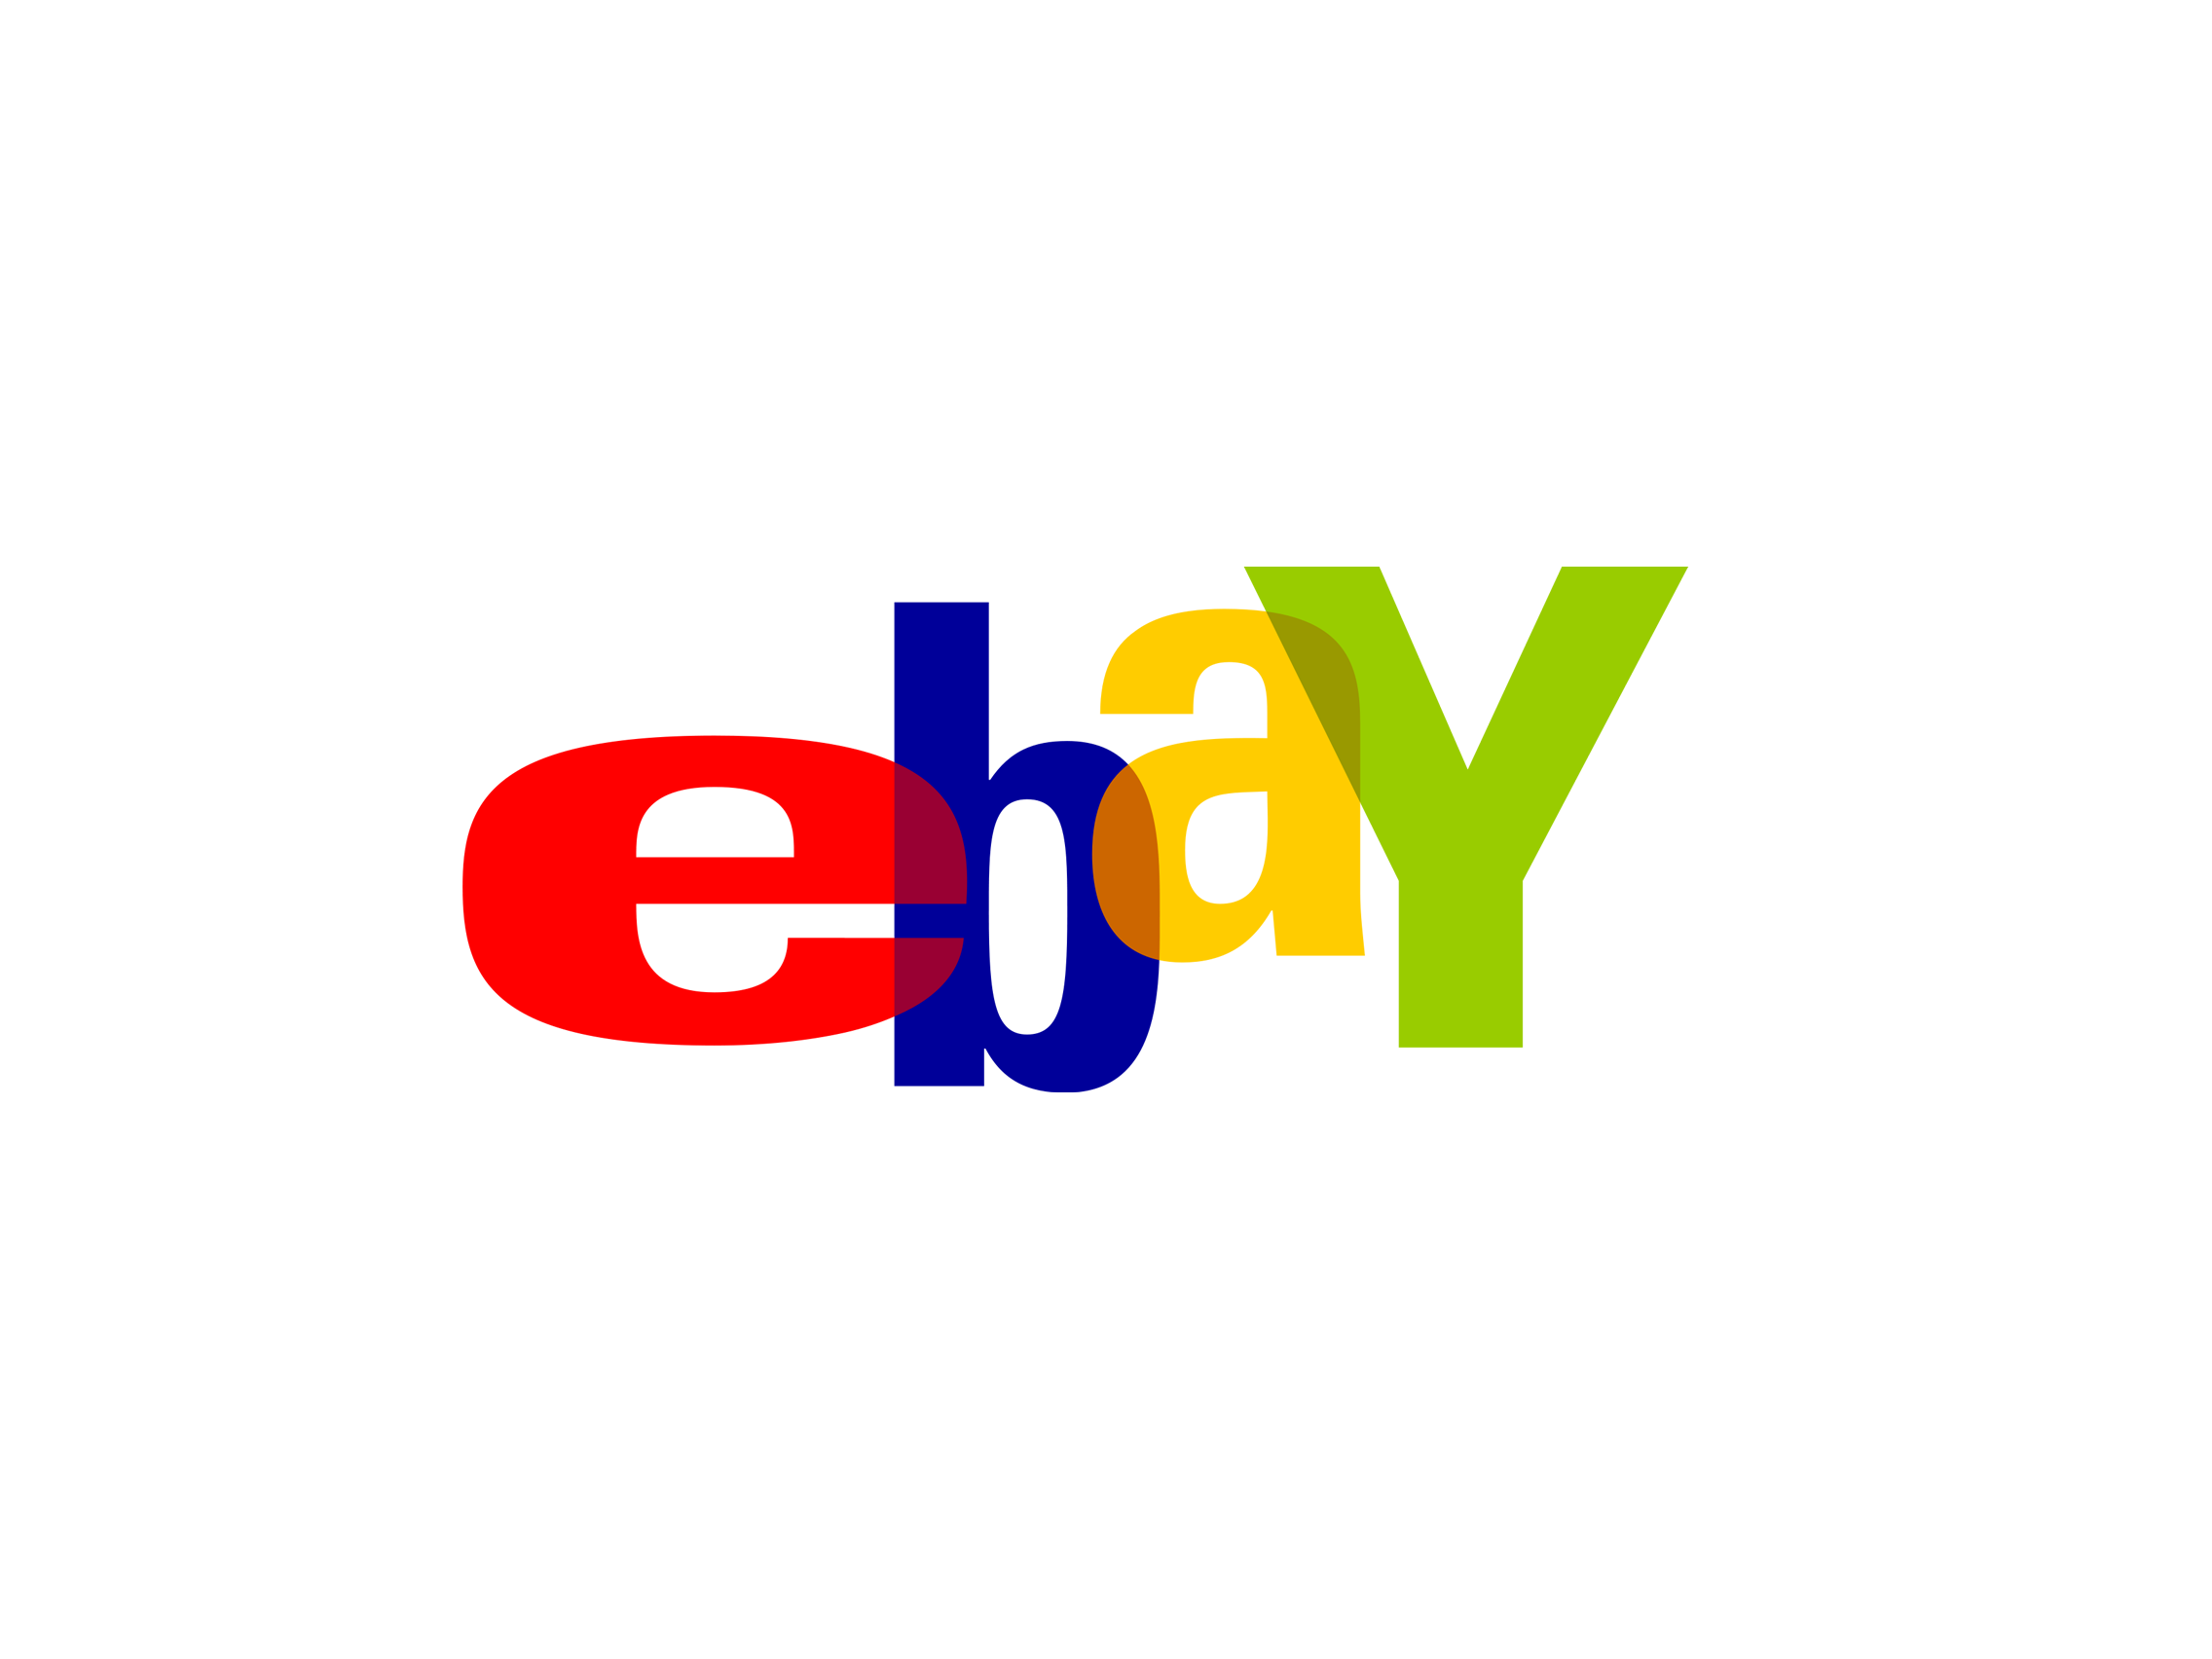 Logo Ebay Png Transparent Logo Ebay Png Images Pluspng